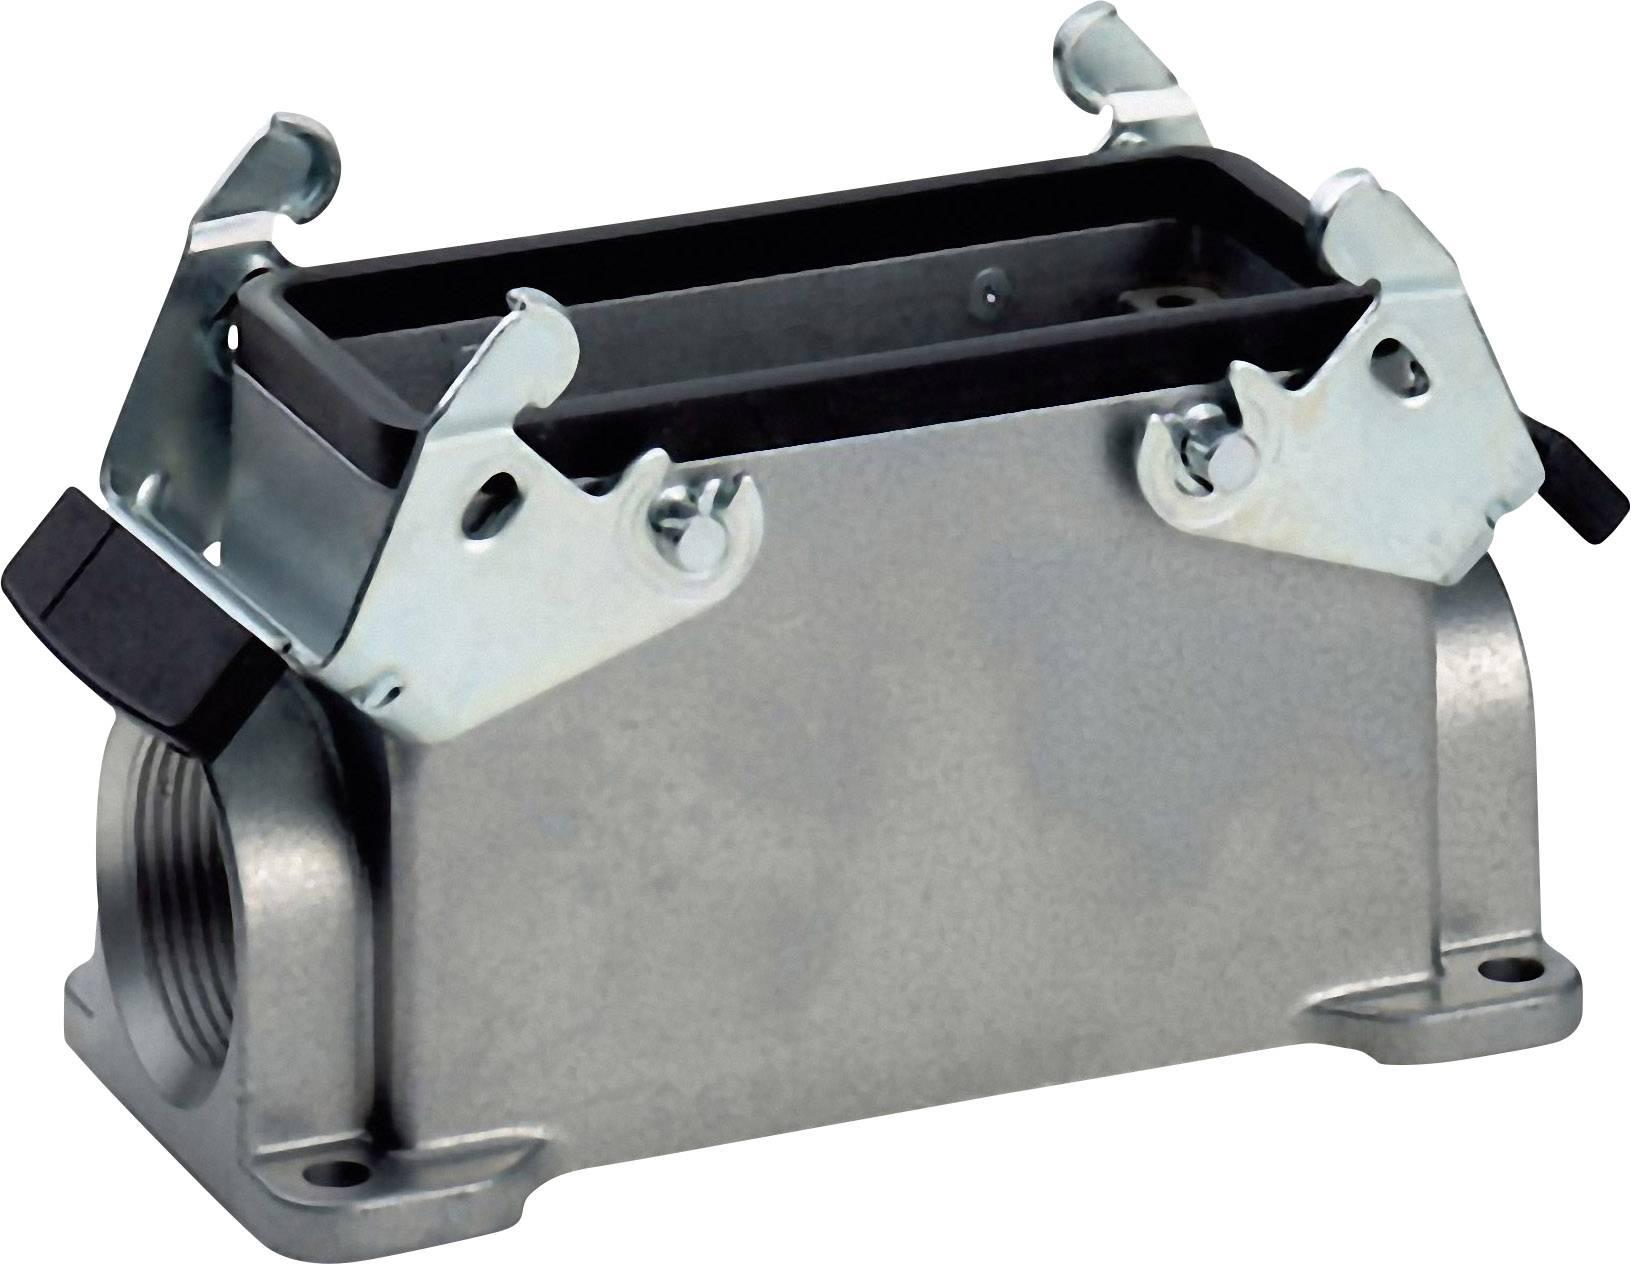 Soklové pouzdro, 1 kabelový vstup, 2 příčné třmeny, nízké provedení, série H-B 16 LappKabel 19075000 1 ks